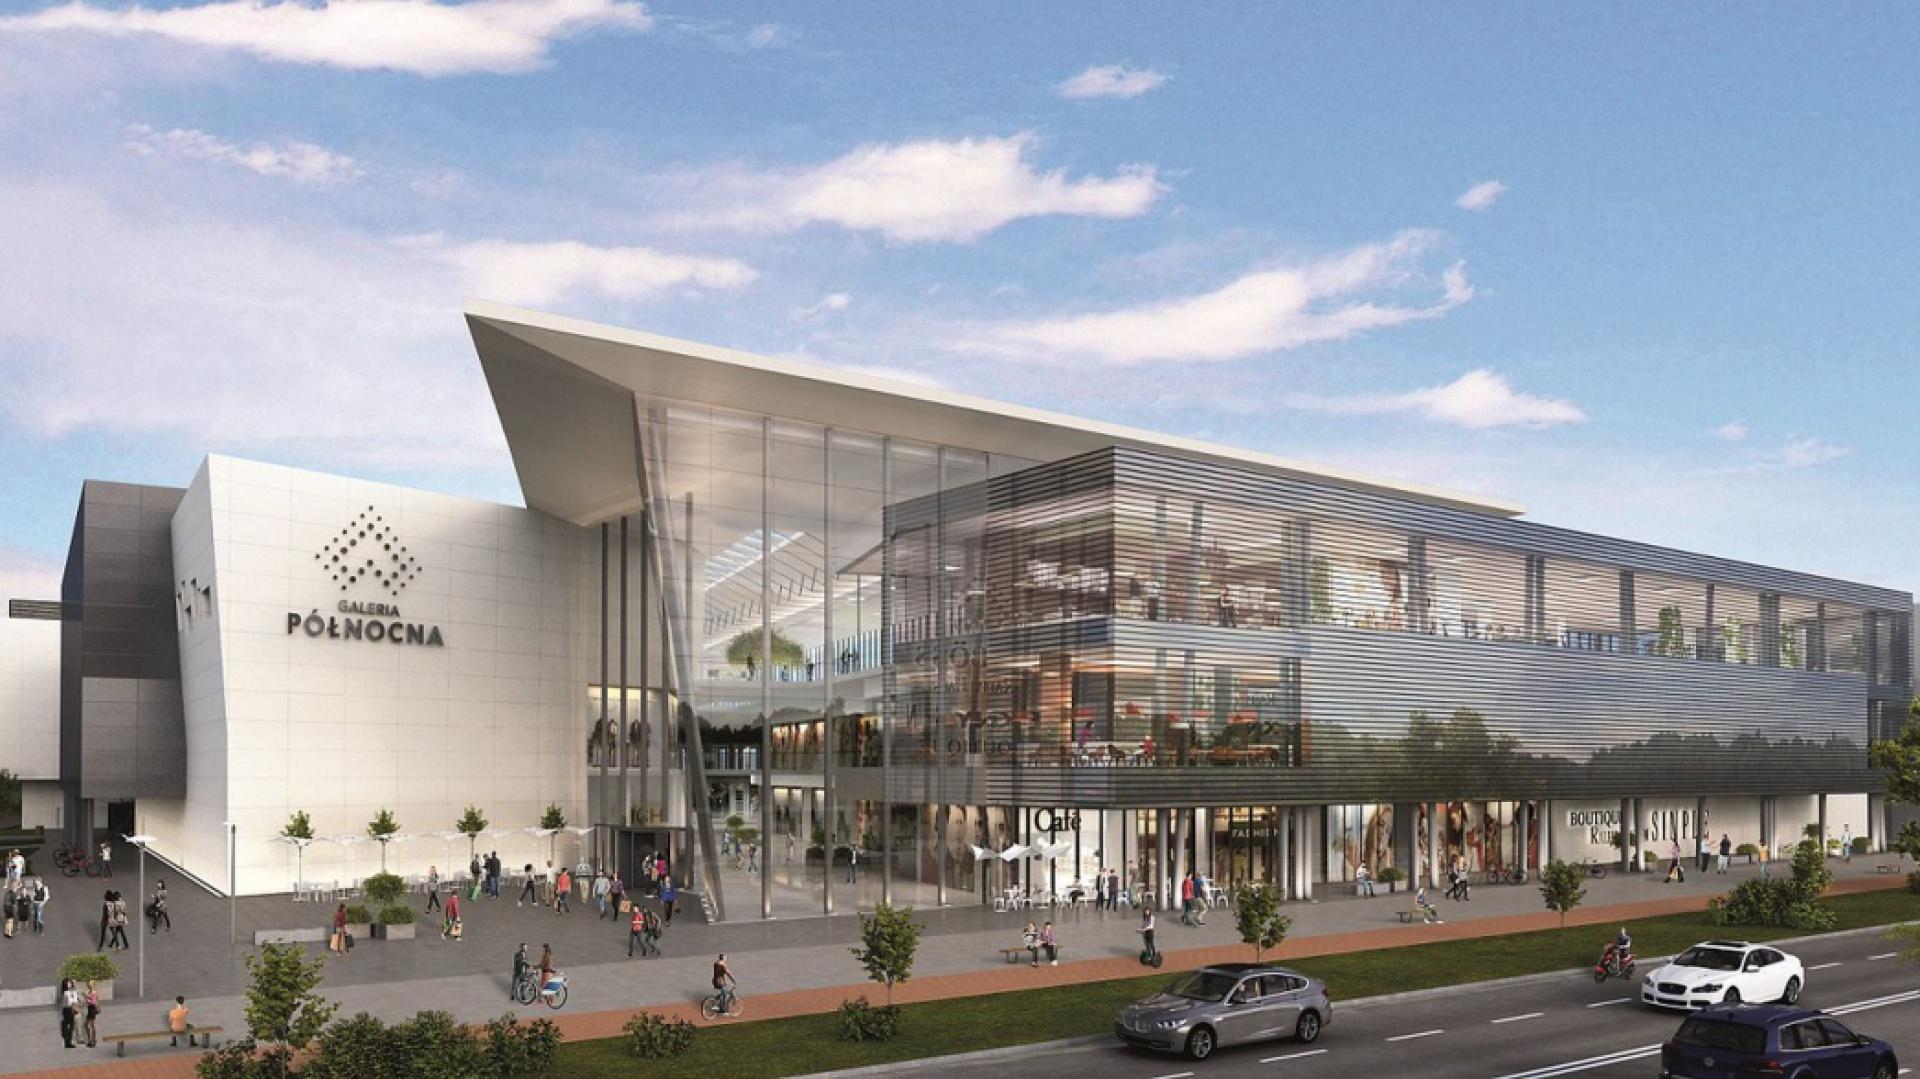 Galeria Północna, nowoczesne centrum handlowo-rozrywkowe ma nadać nową jakość warszawskiemu rynkowi handlowemu. Jest projektem tworzonym we współpracy z najlepszymi architektami z pracowni APA Wojciechowski i Moshe Tzur Architects.